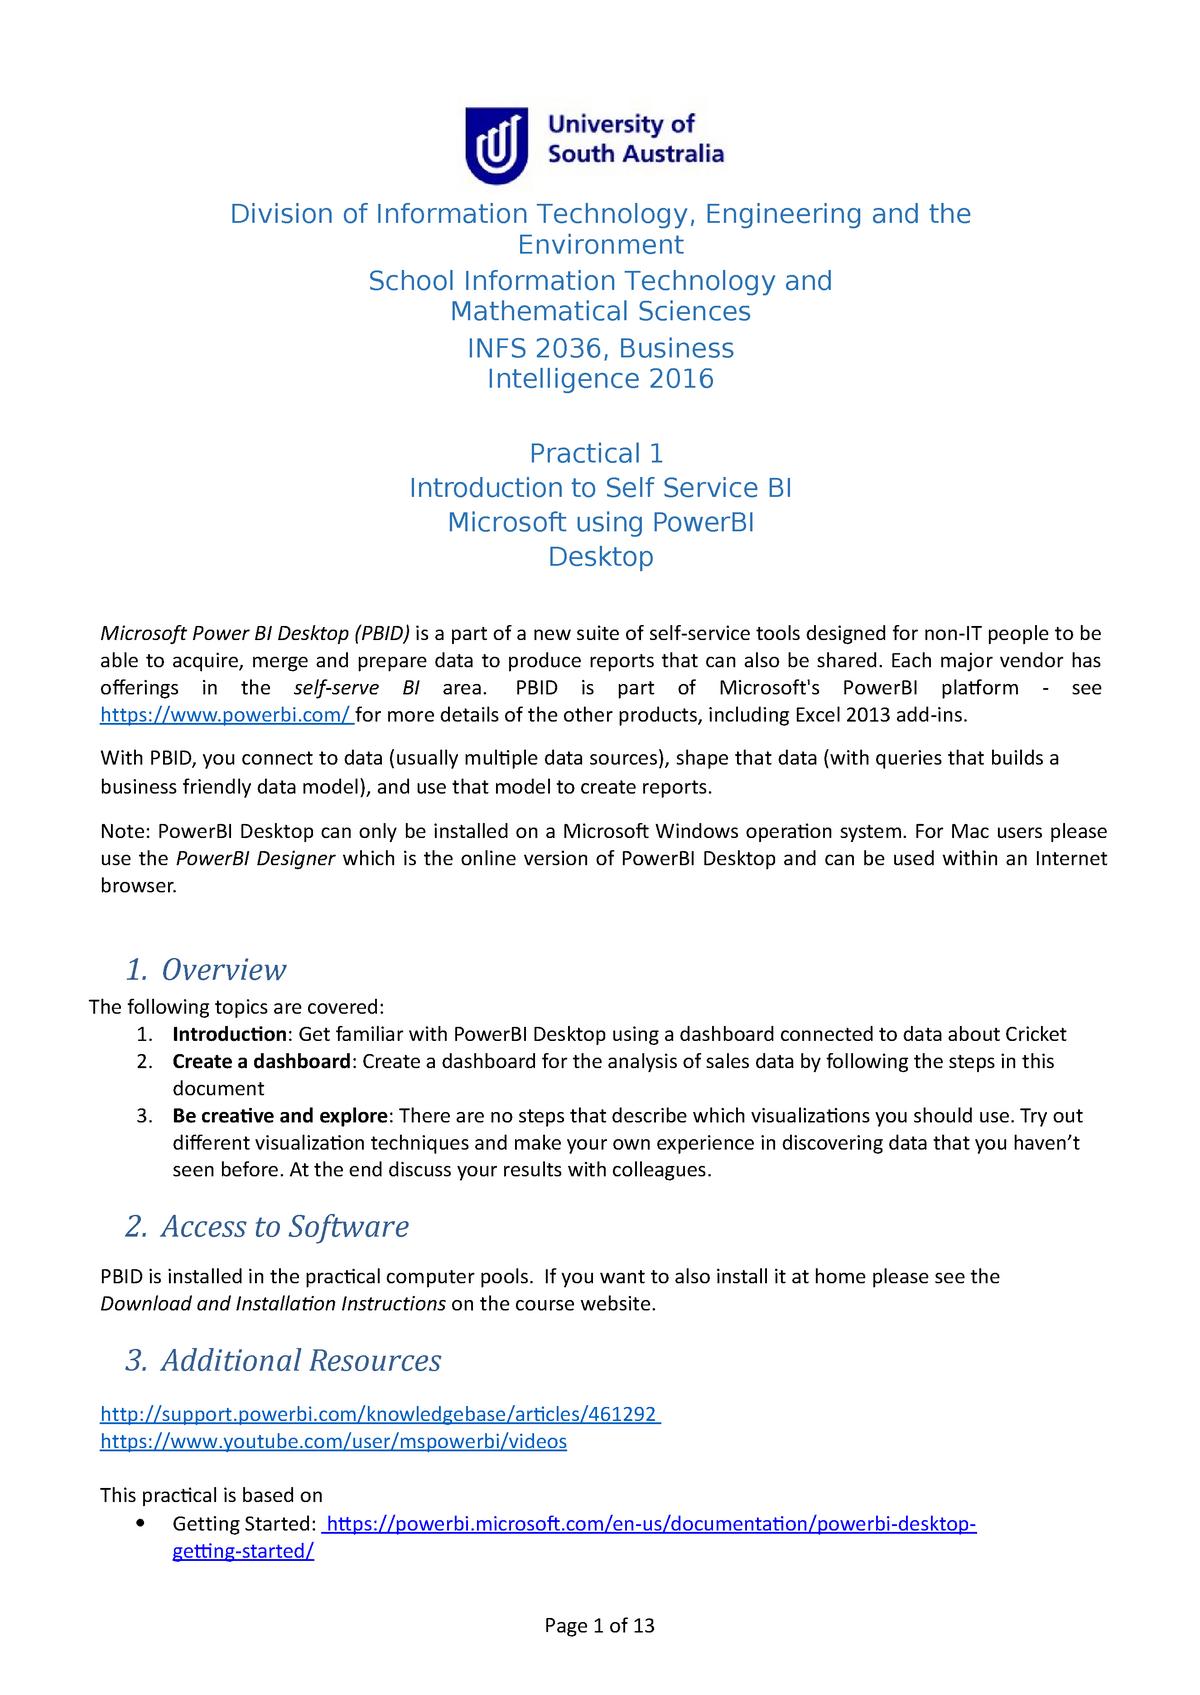 Practical - Business intelligence - infs 2036 - power bi